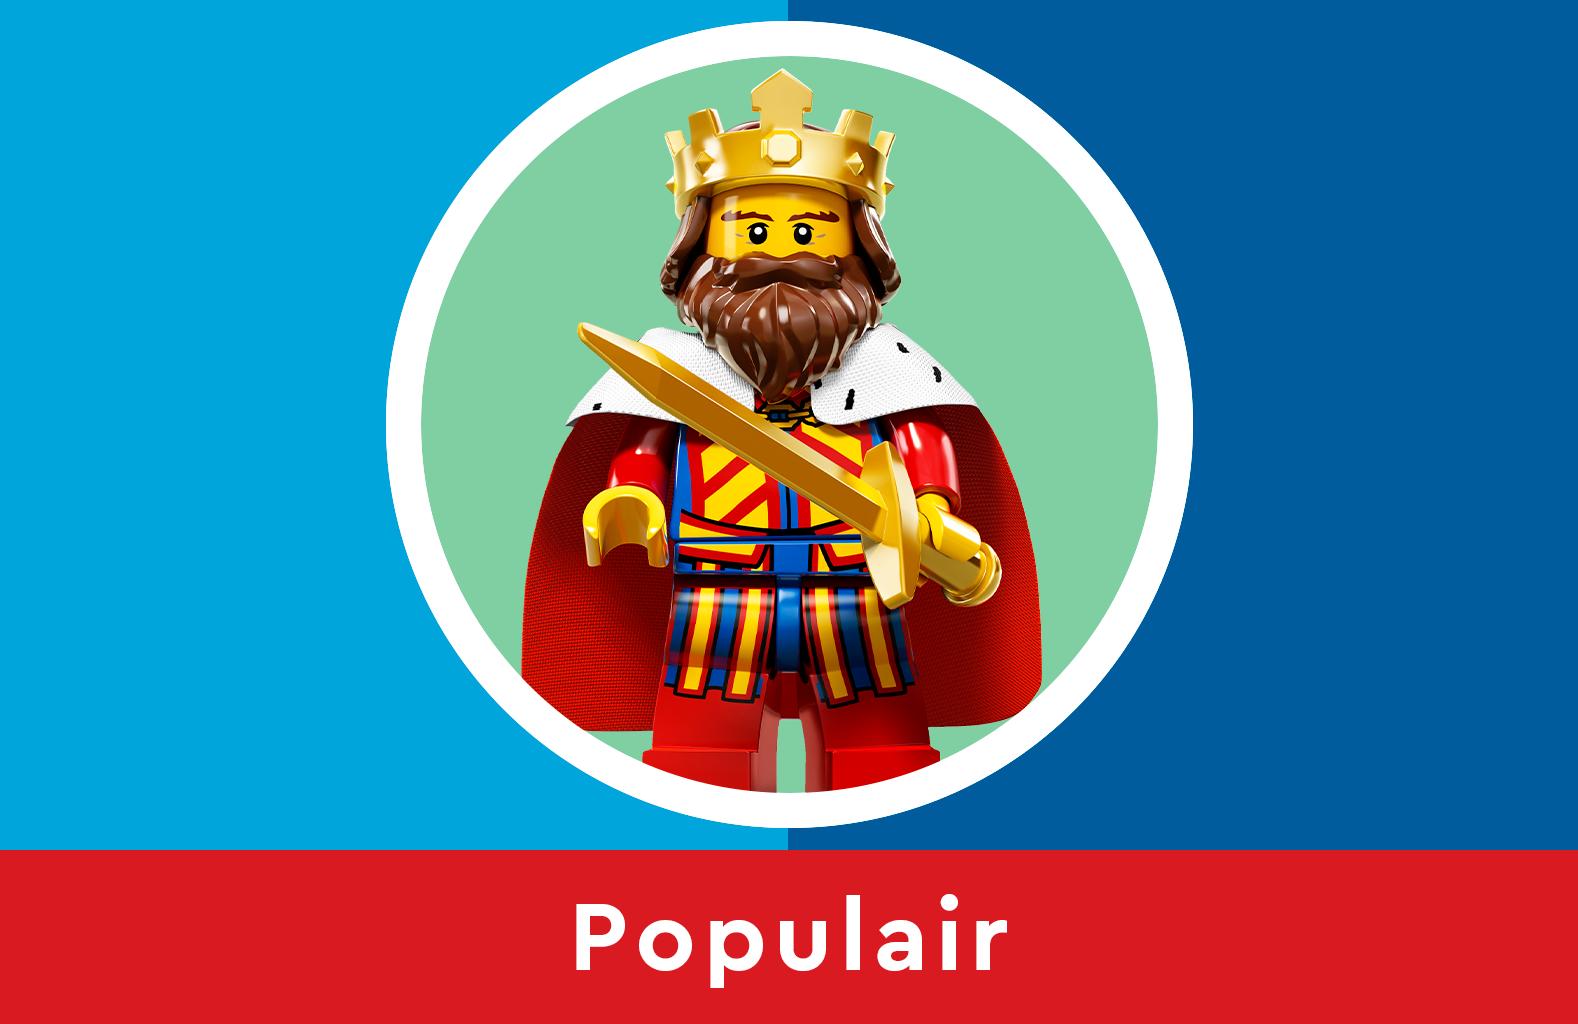 Alle populaire artikelen van LEGO